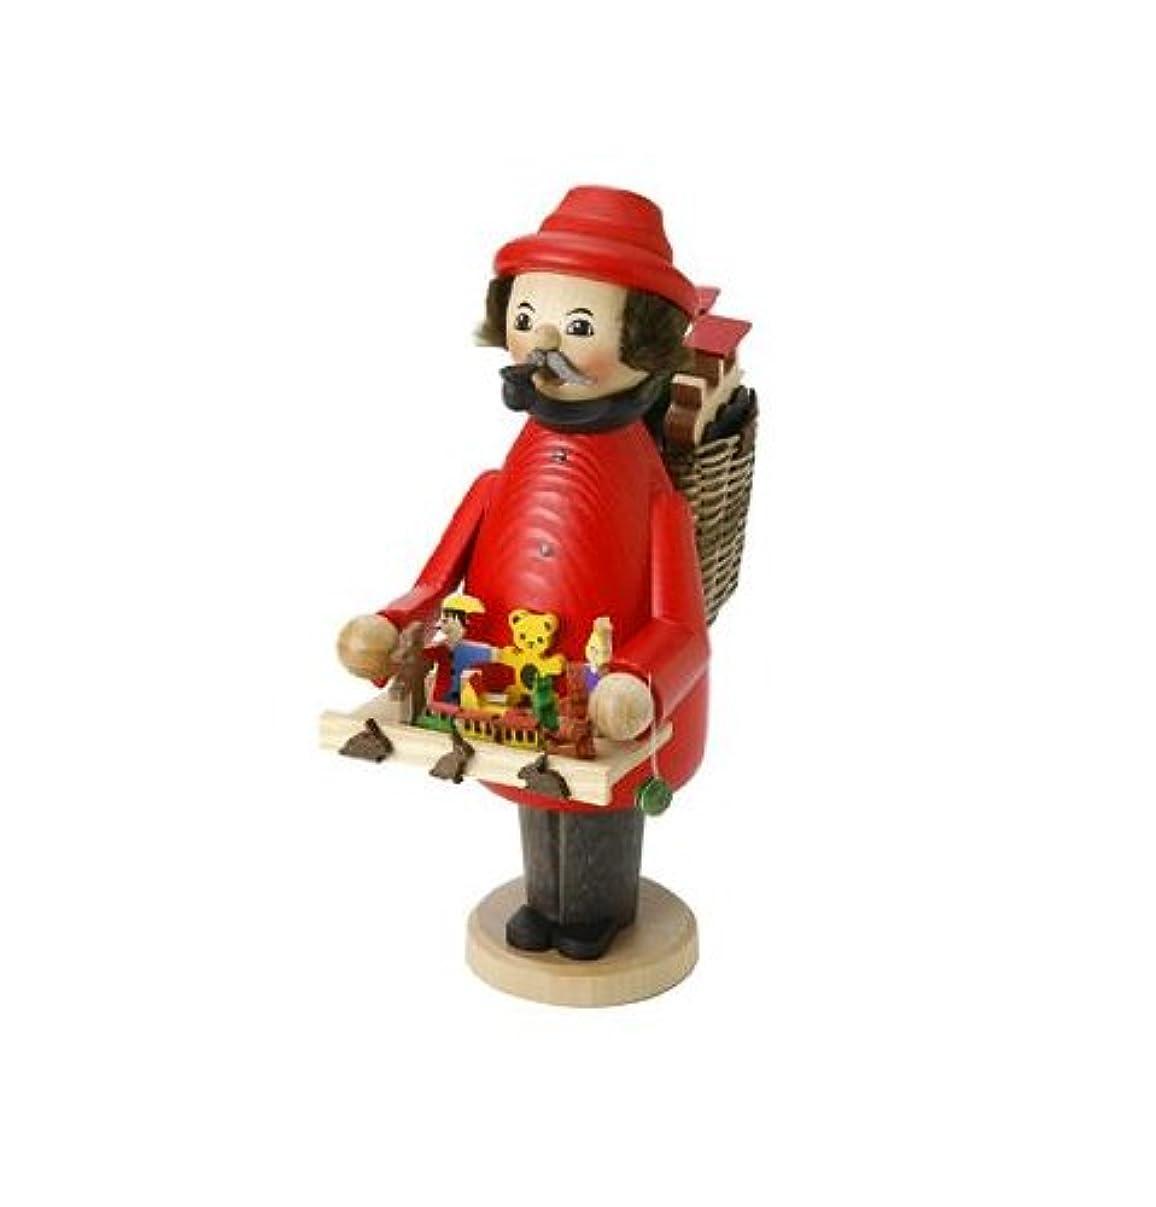 販売計画で不和ミニパイプ人形香炉 おもちゃ売り